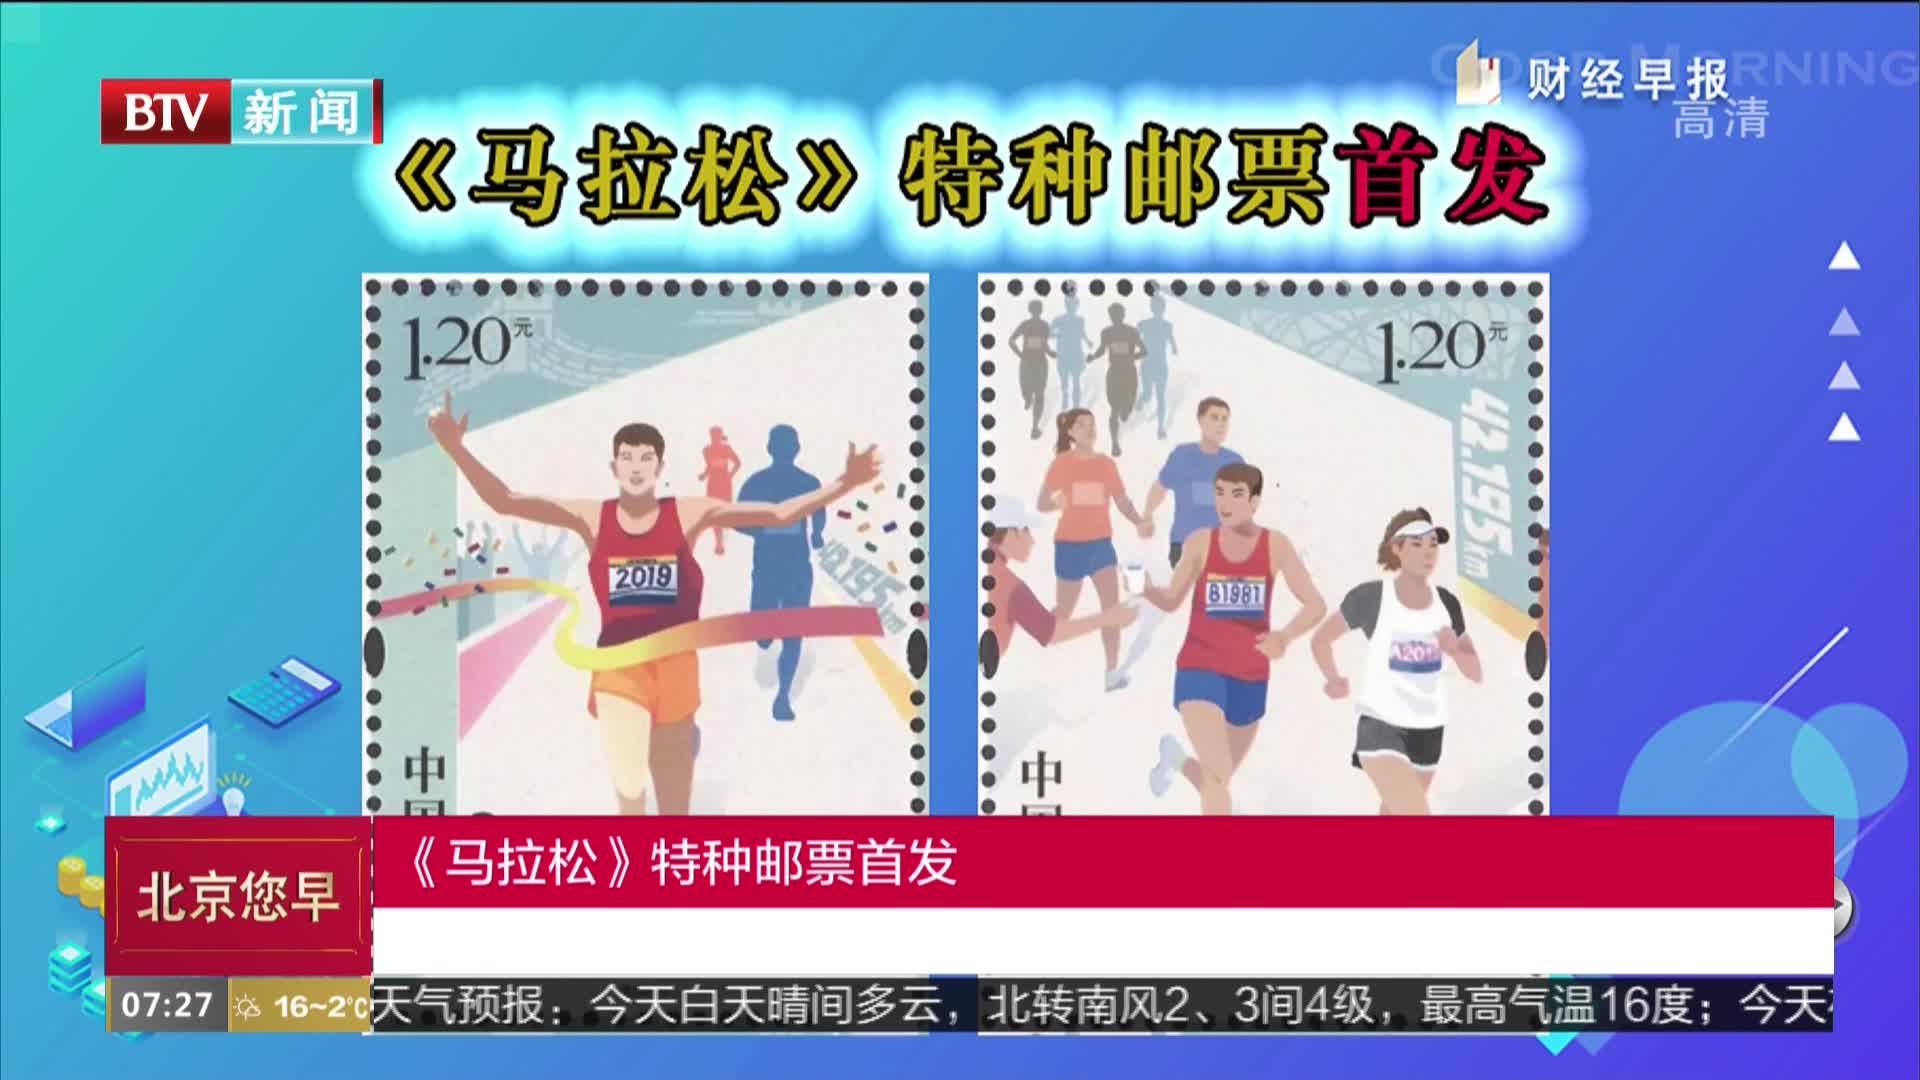 [视频]《马拉松》特种邮票首发